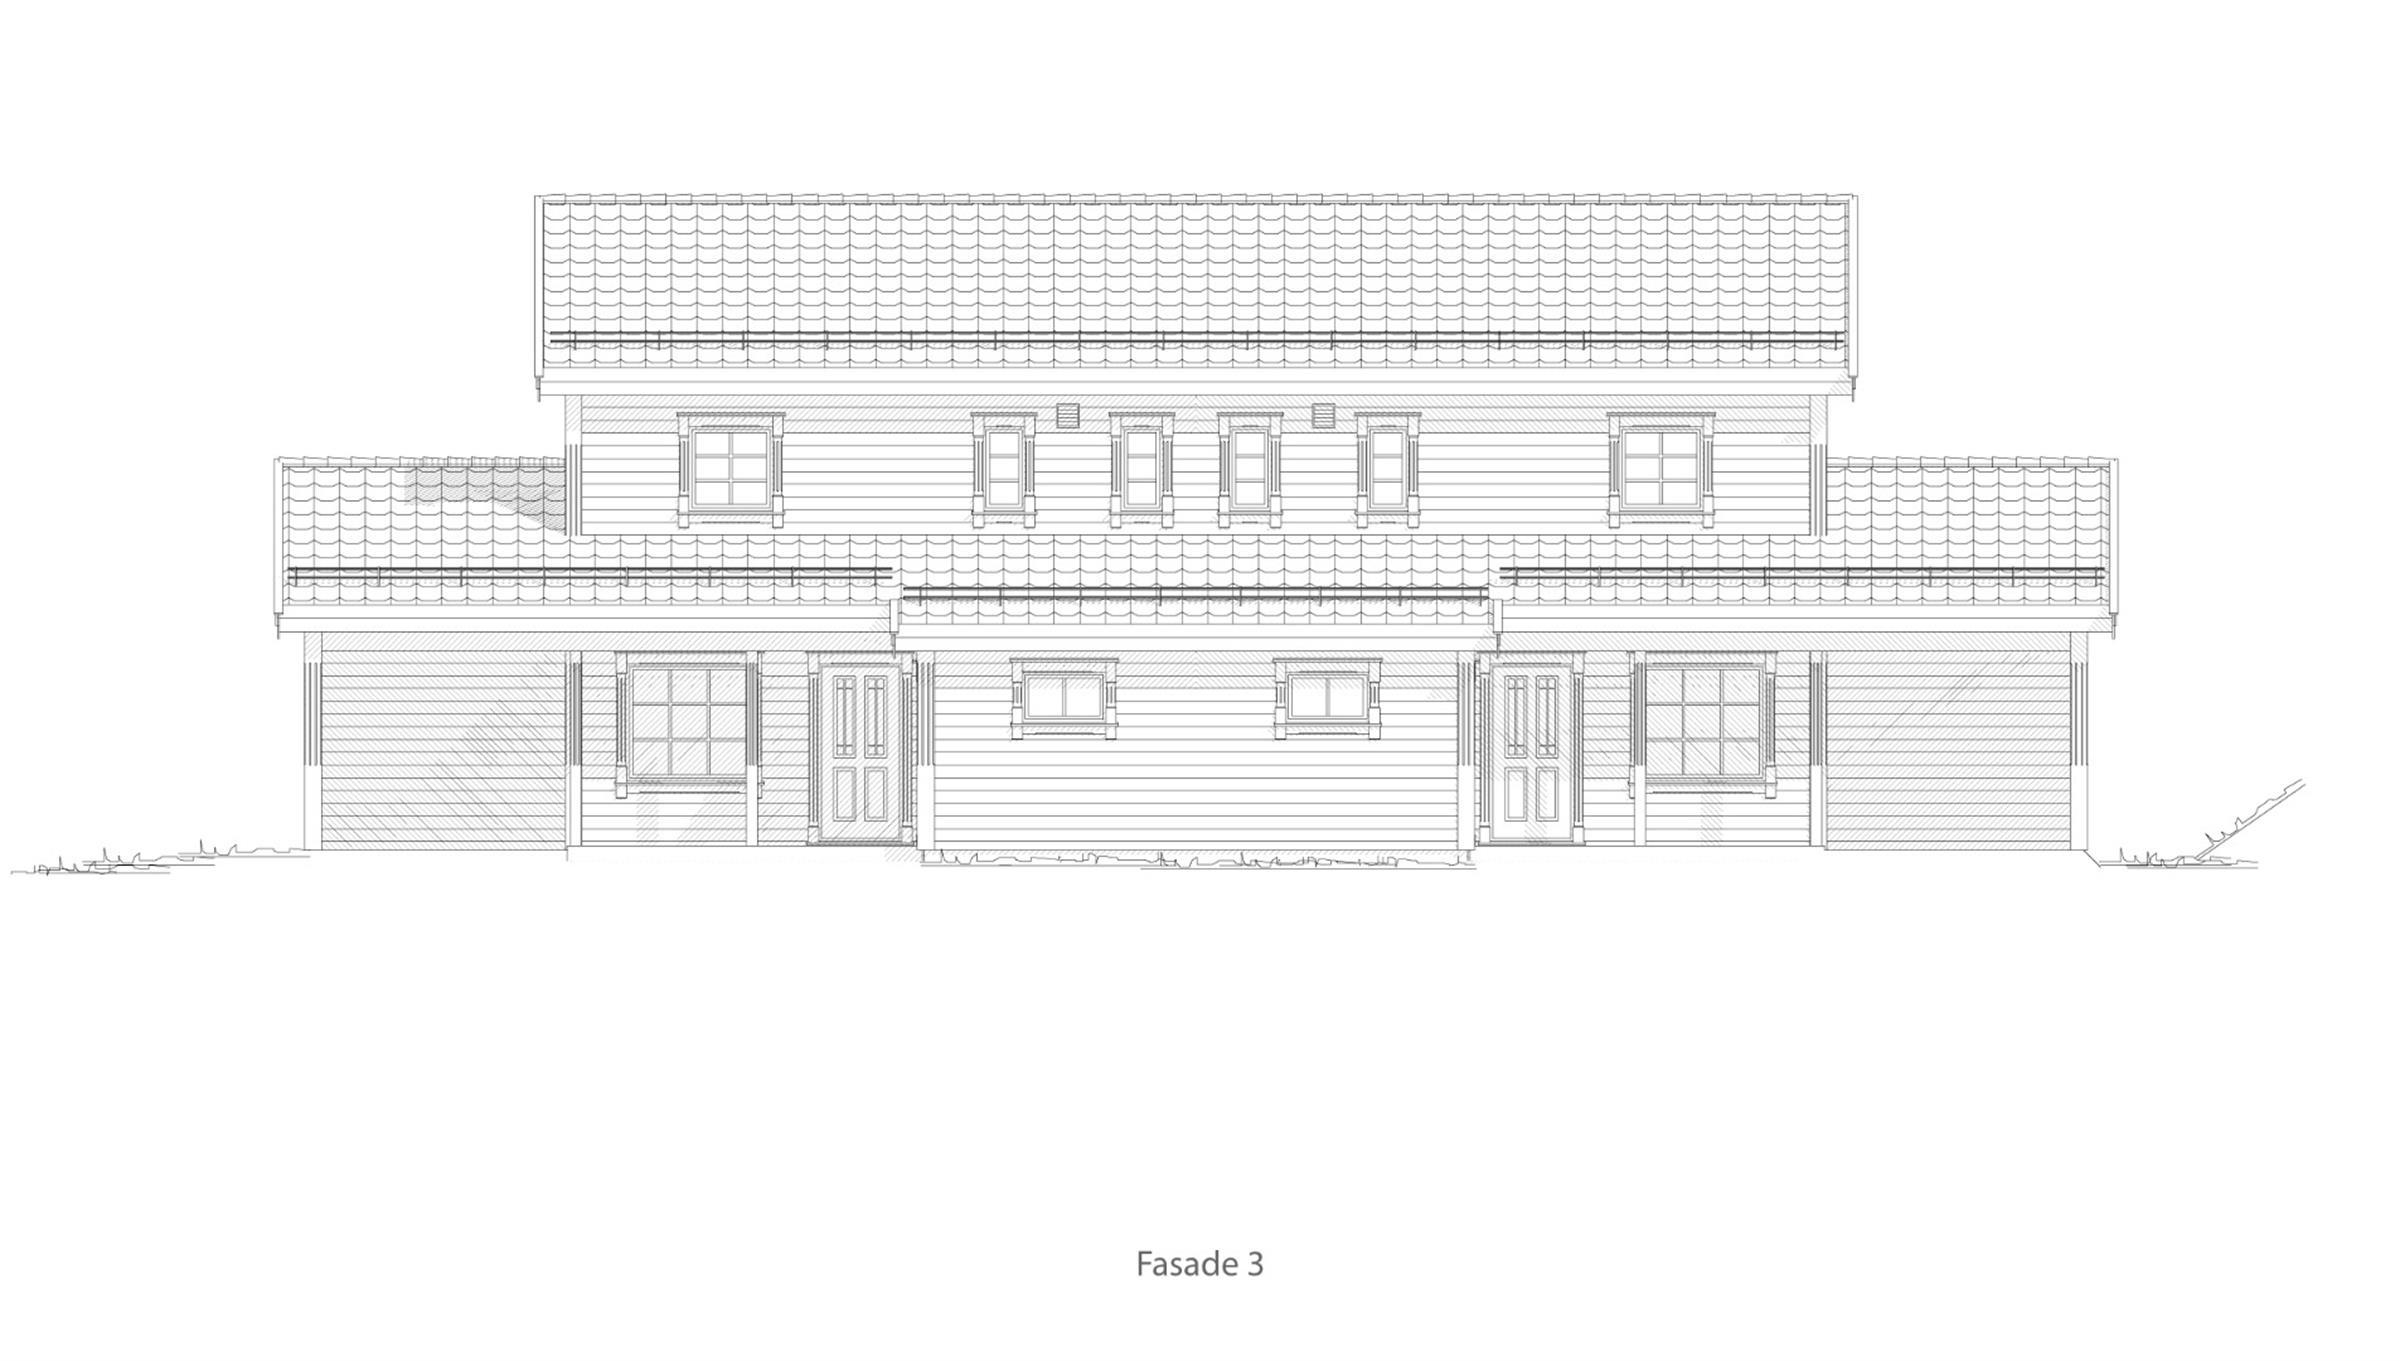 Molde fasade 3